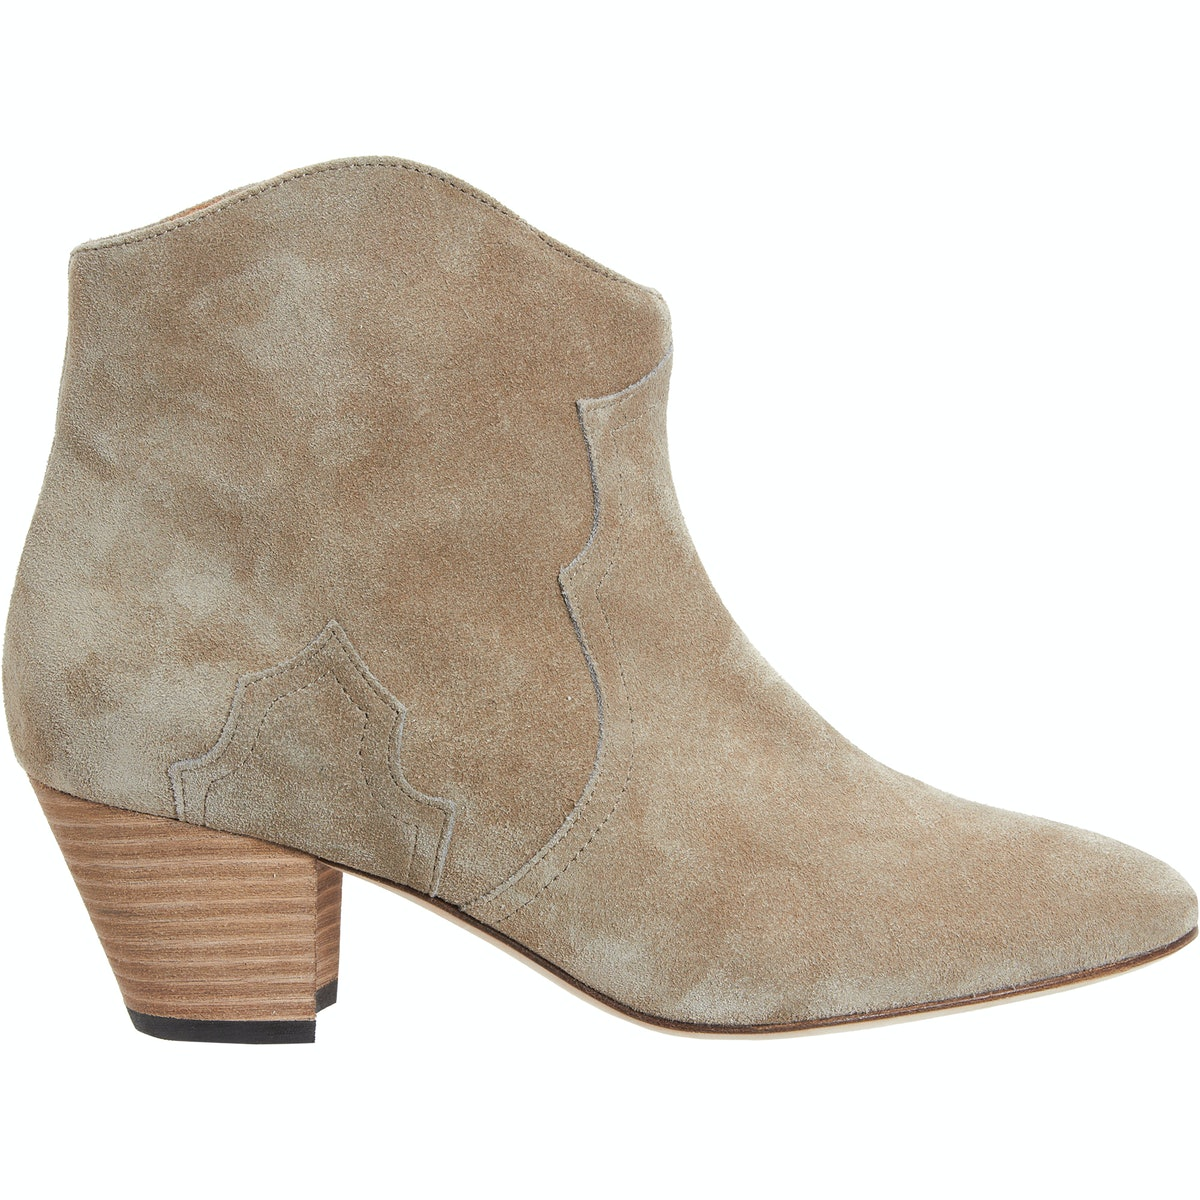 Isabel Marant boots